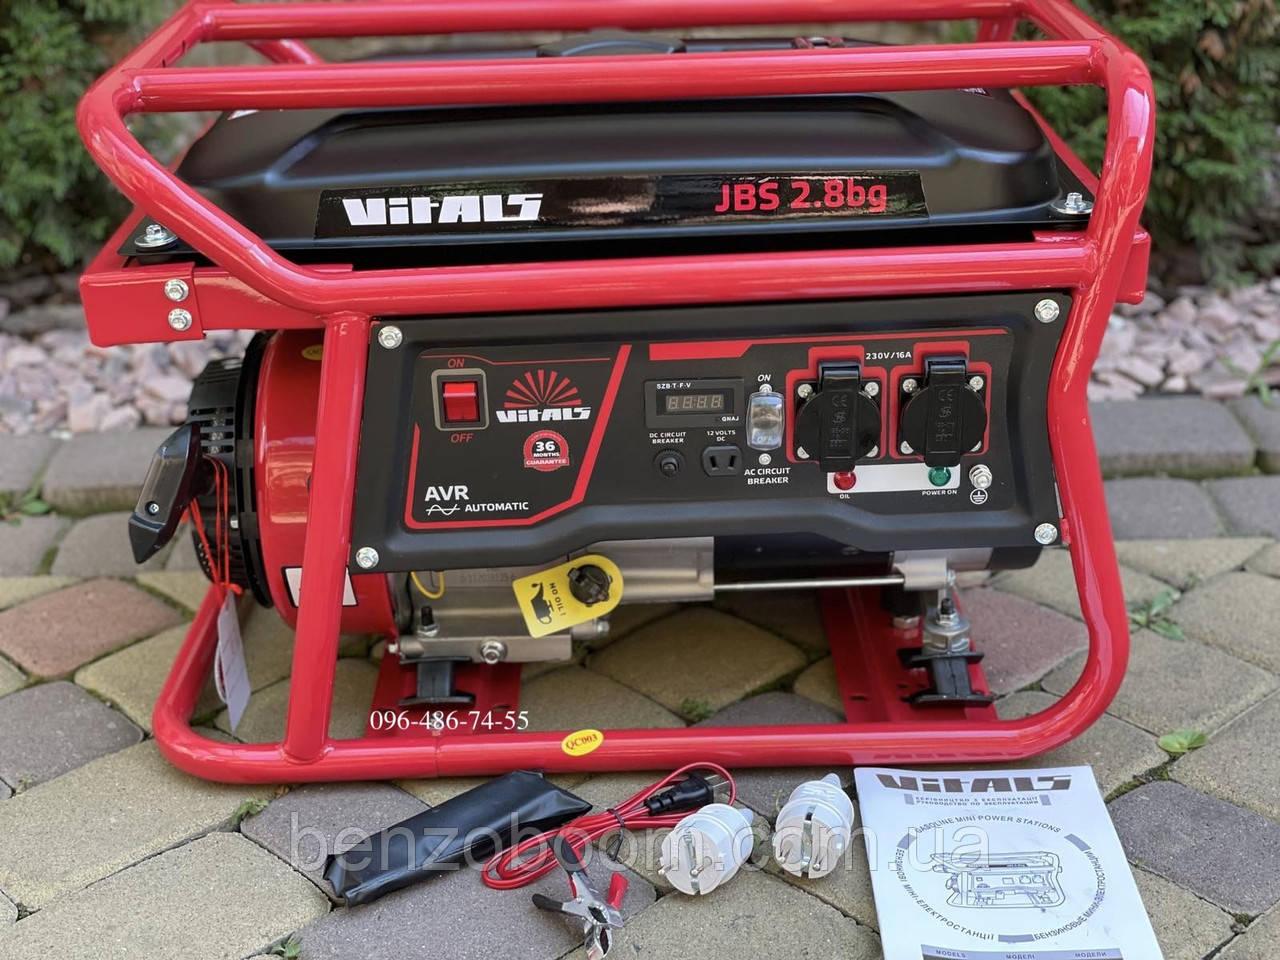 Генератор бензиновий Vitals JBS 2.8bg 3кВт мідна обмотка + газ